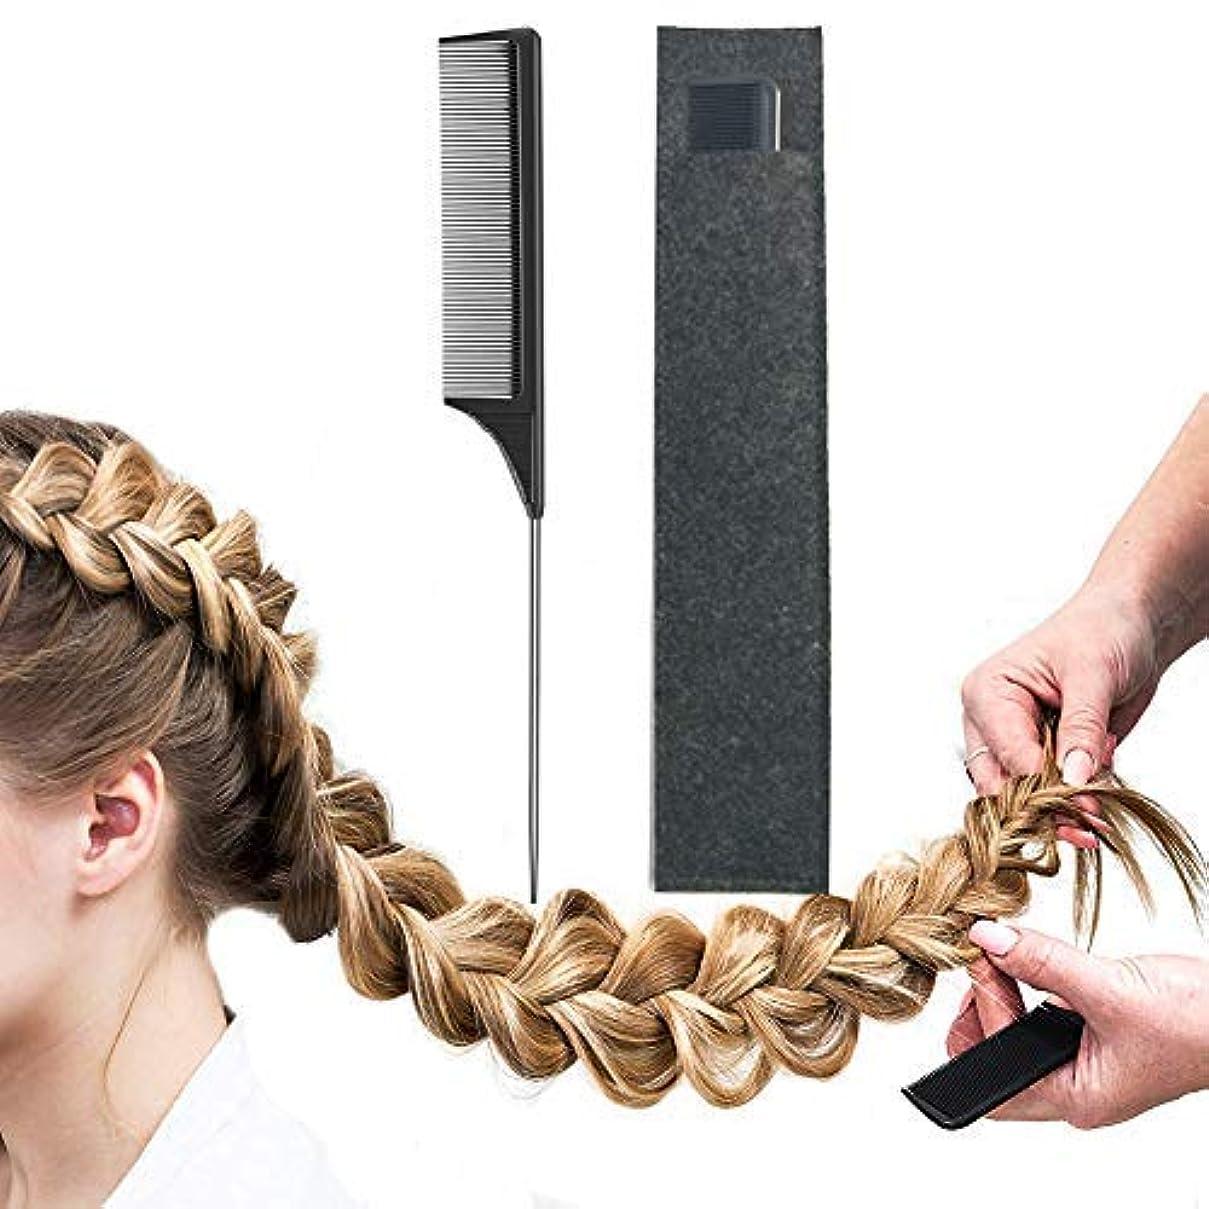 タッチワーディアンケースけん引Pintail Comb Carbon Fiber And Heat Resistant Teasing HairTail Combs Metal With Non-skid Paddle For Hair Styling...